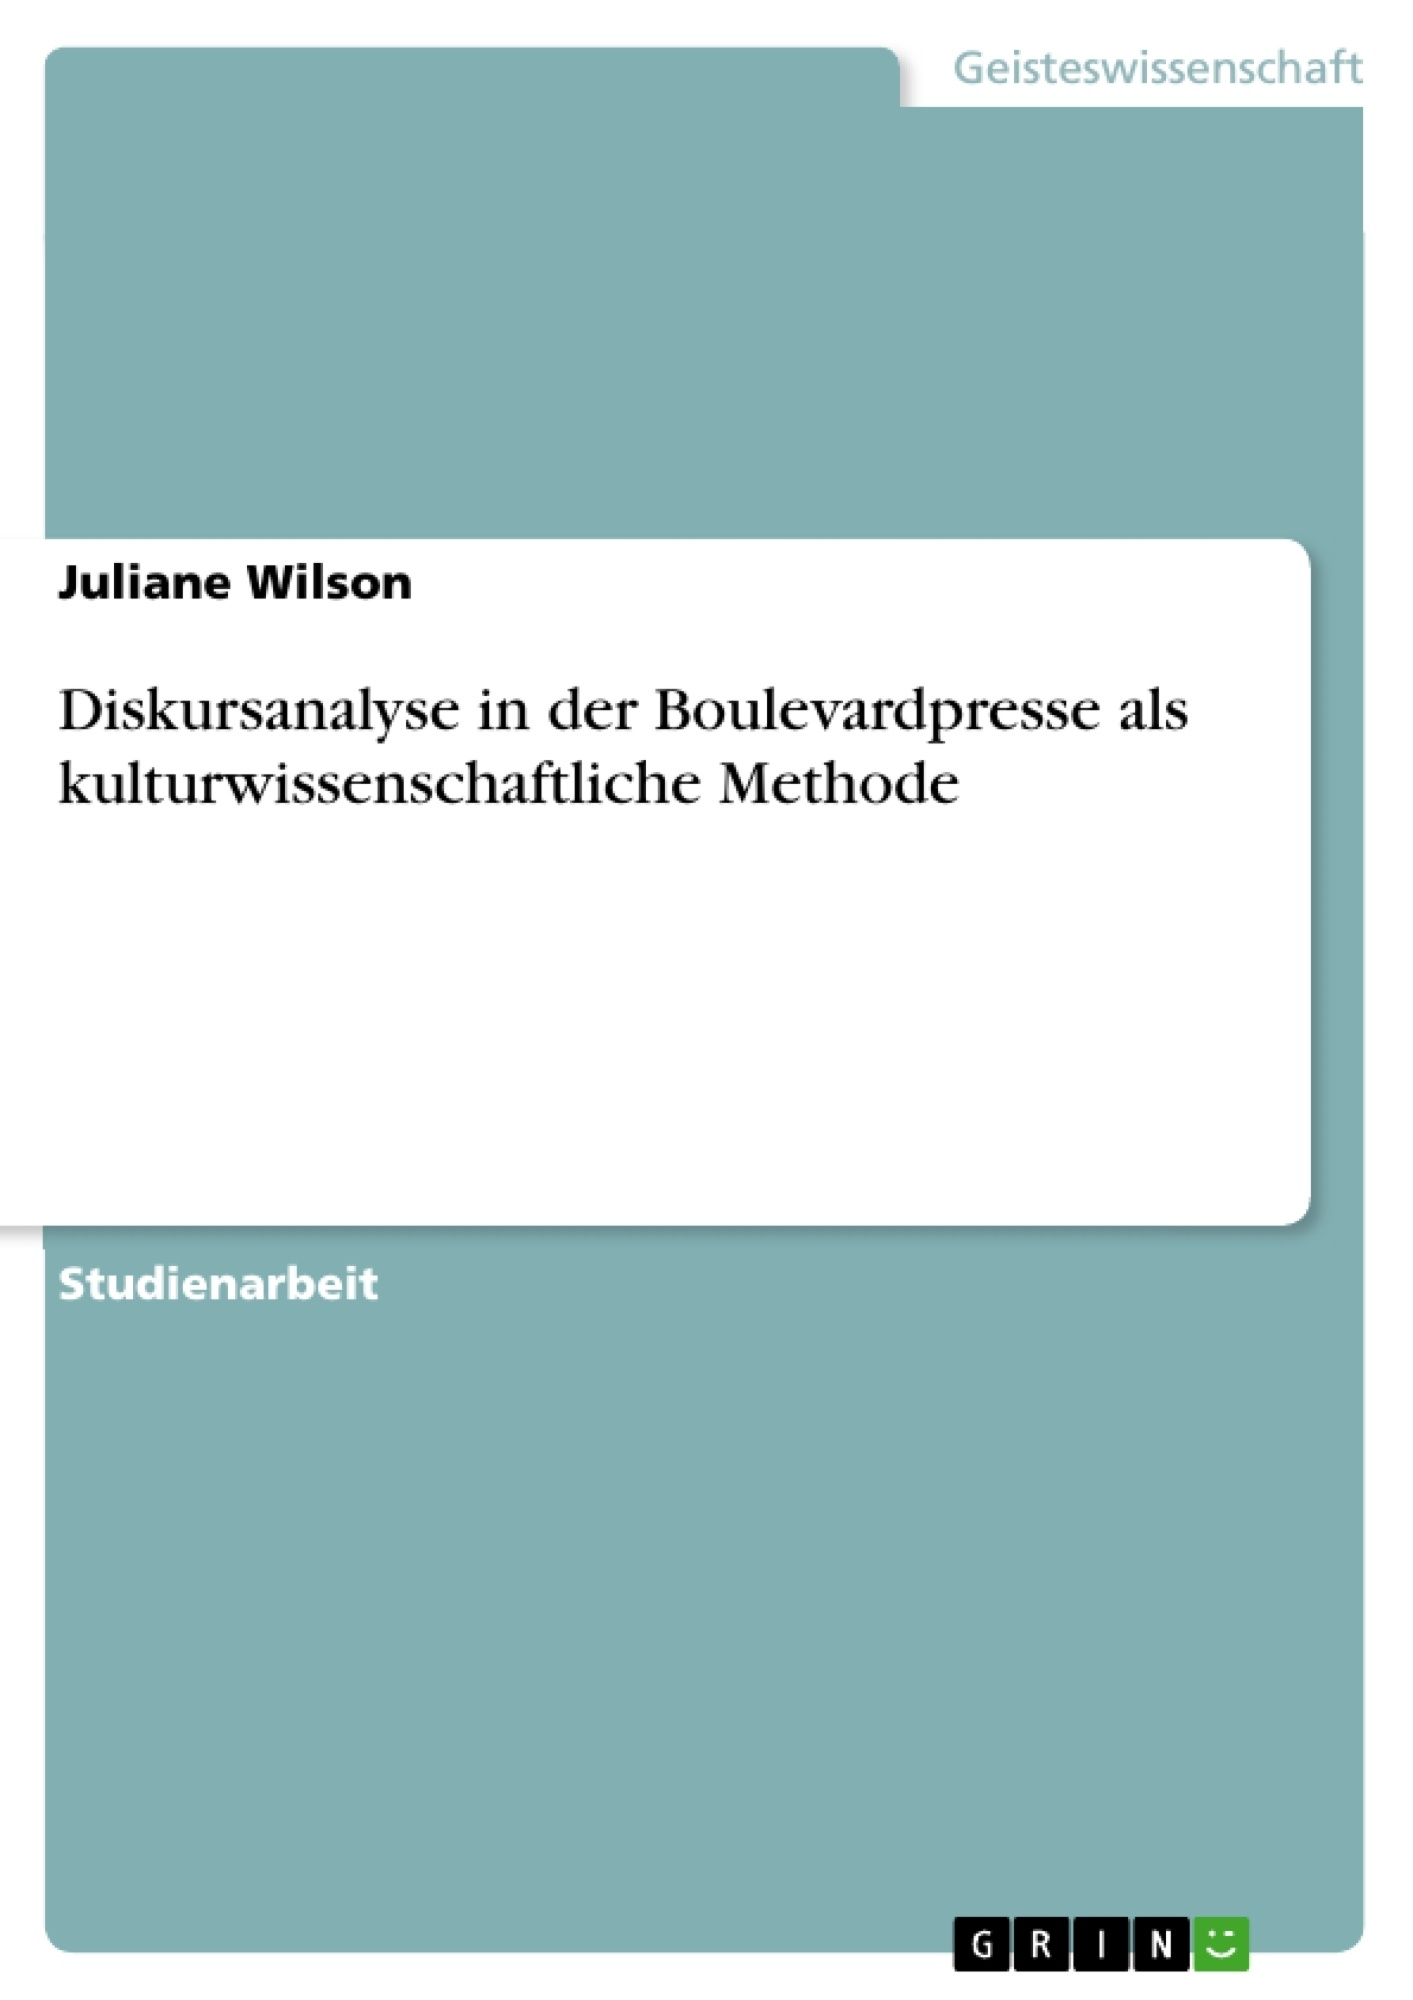 Titel: Diskursanalyse in der Boulevardpresse als kulturwissenschaftliche Methode